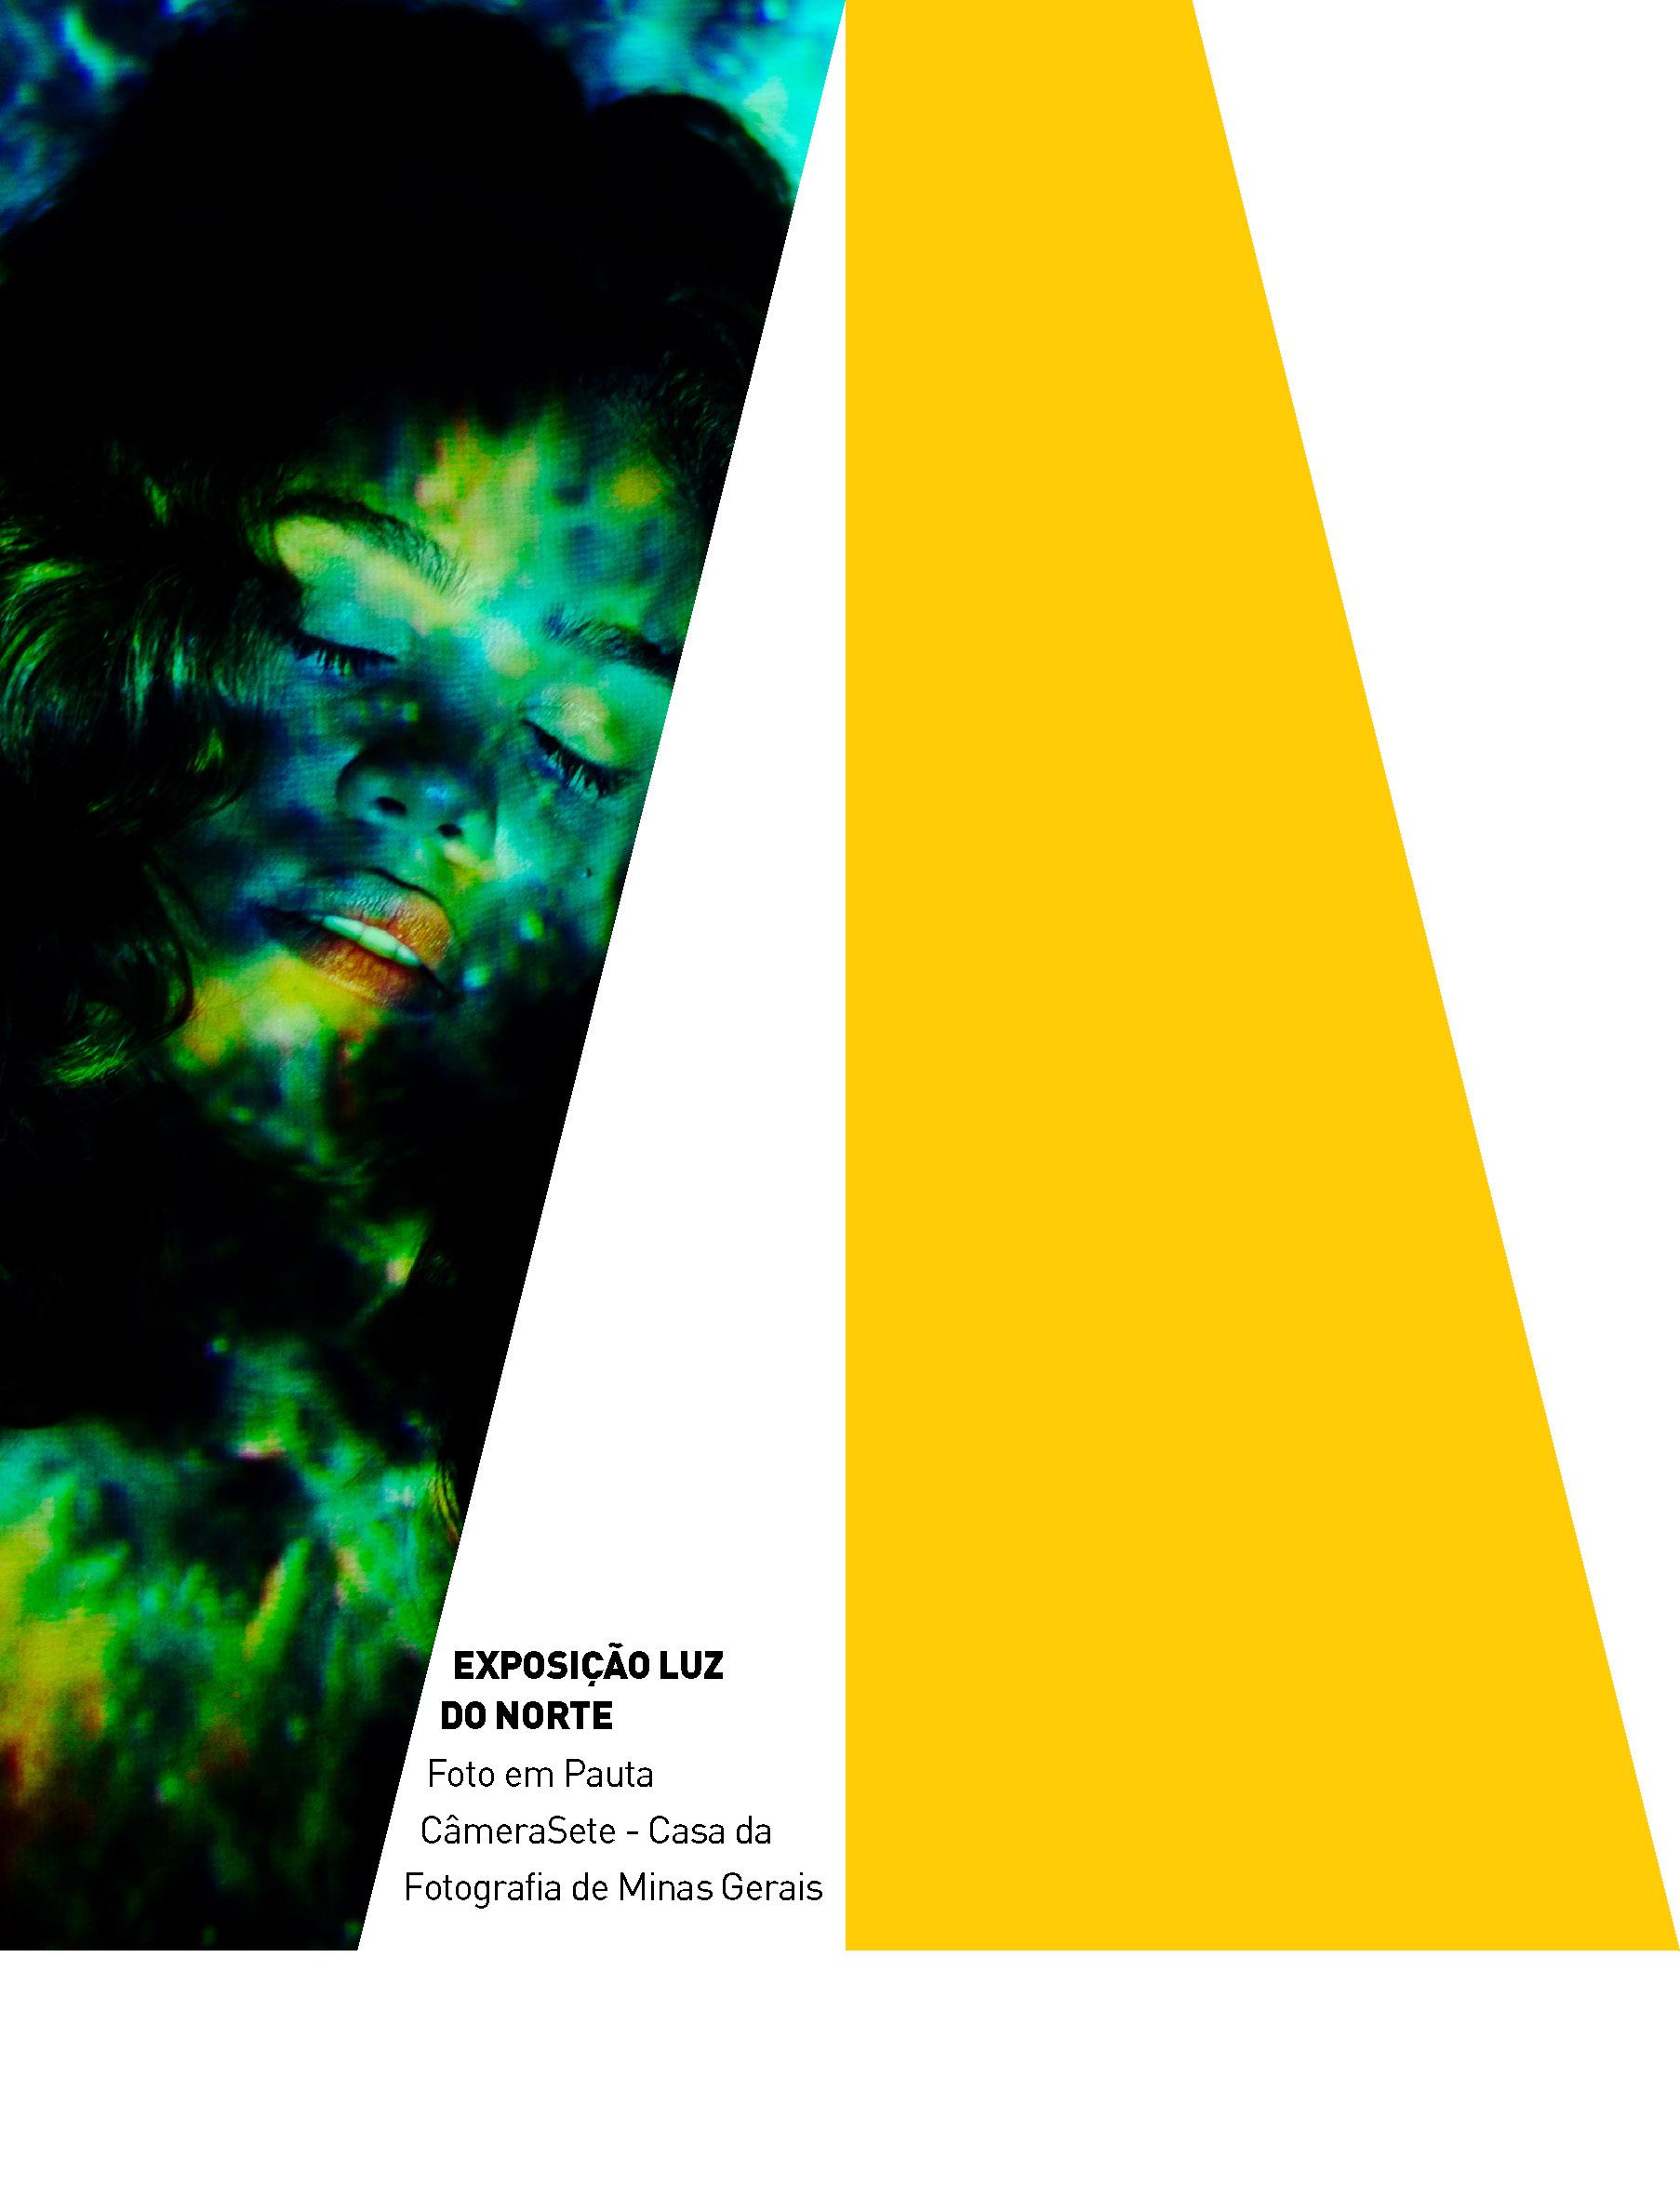 Evento: Exposição LUZ DO NORTE | Foto em Pauta, 10º Festival de Fotografia de Tiradentes